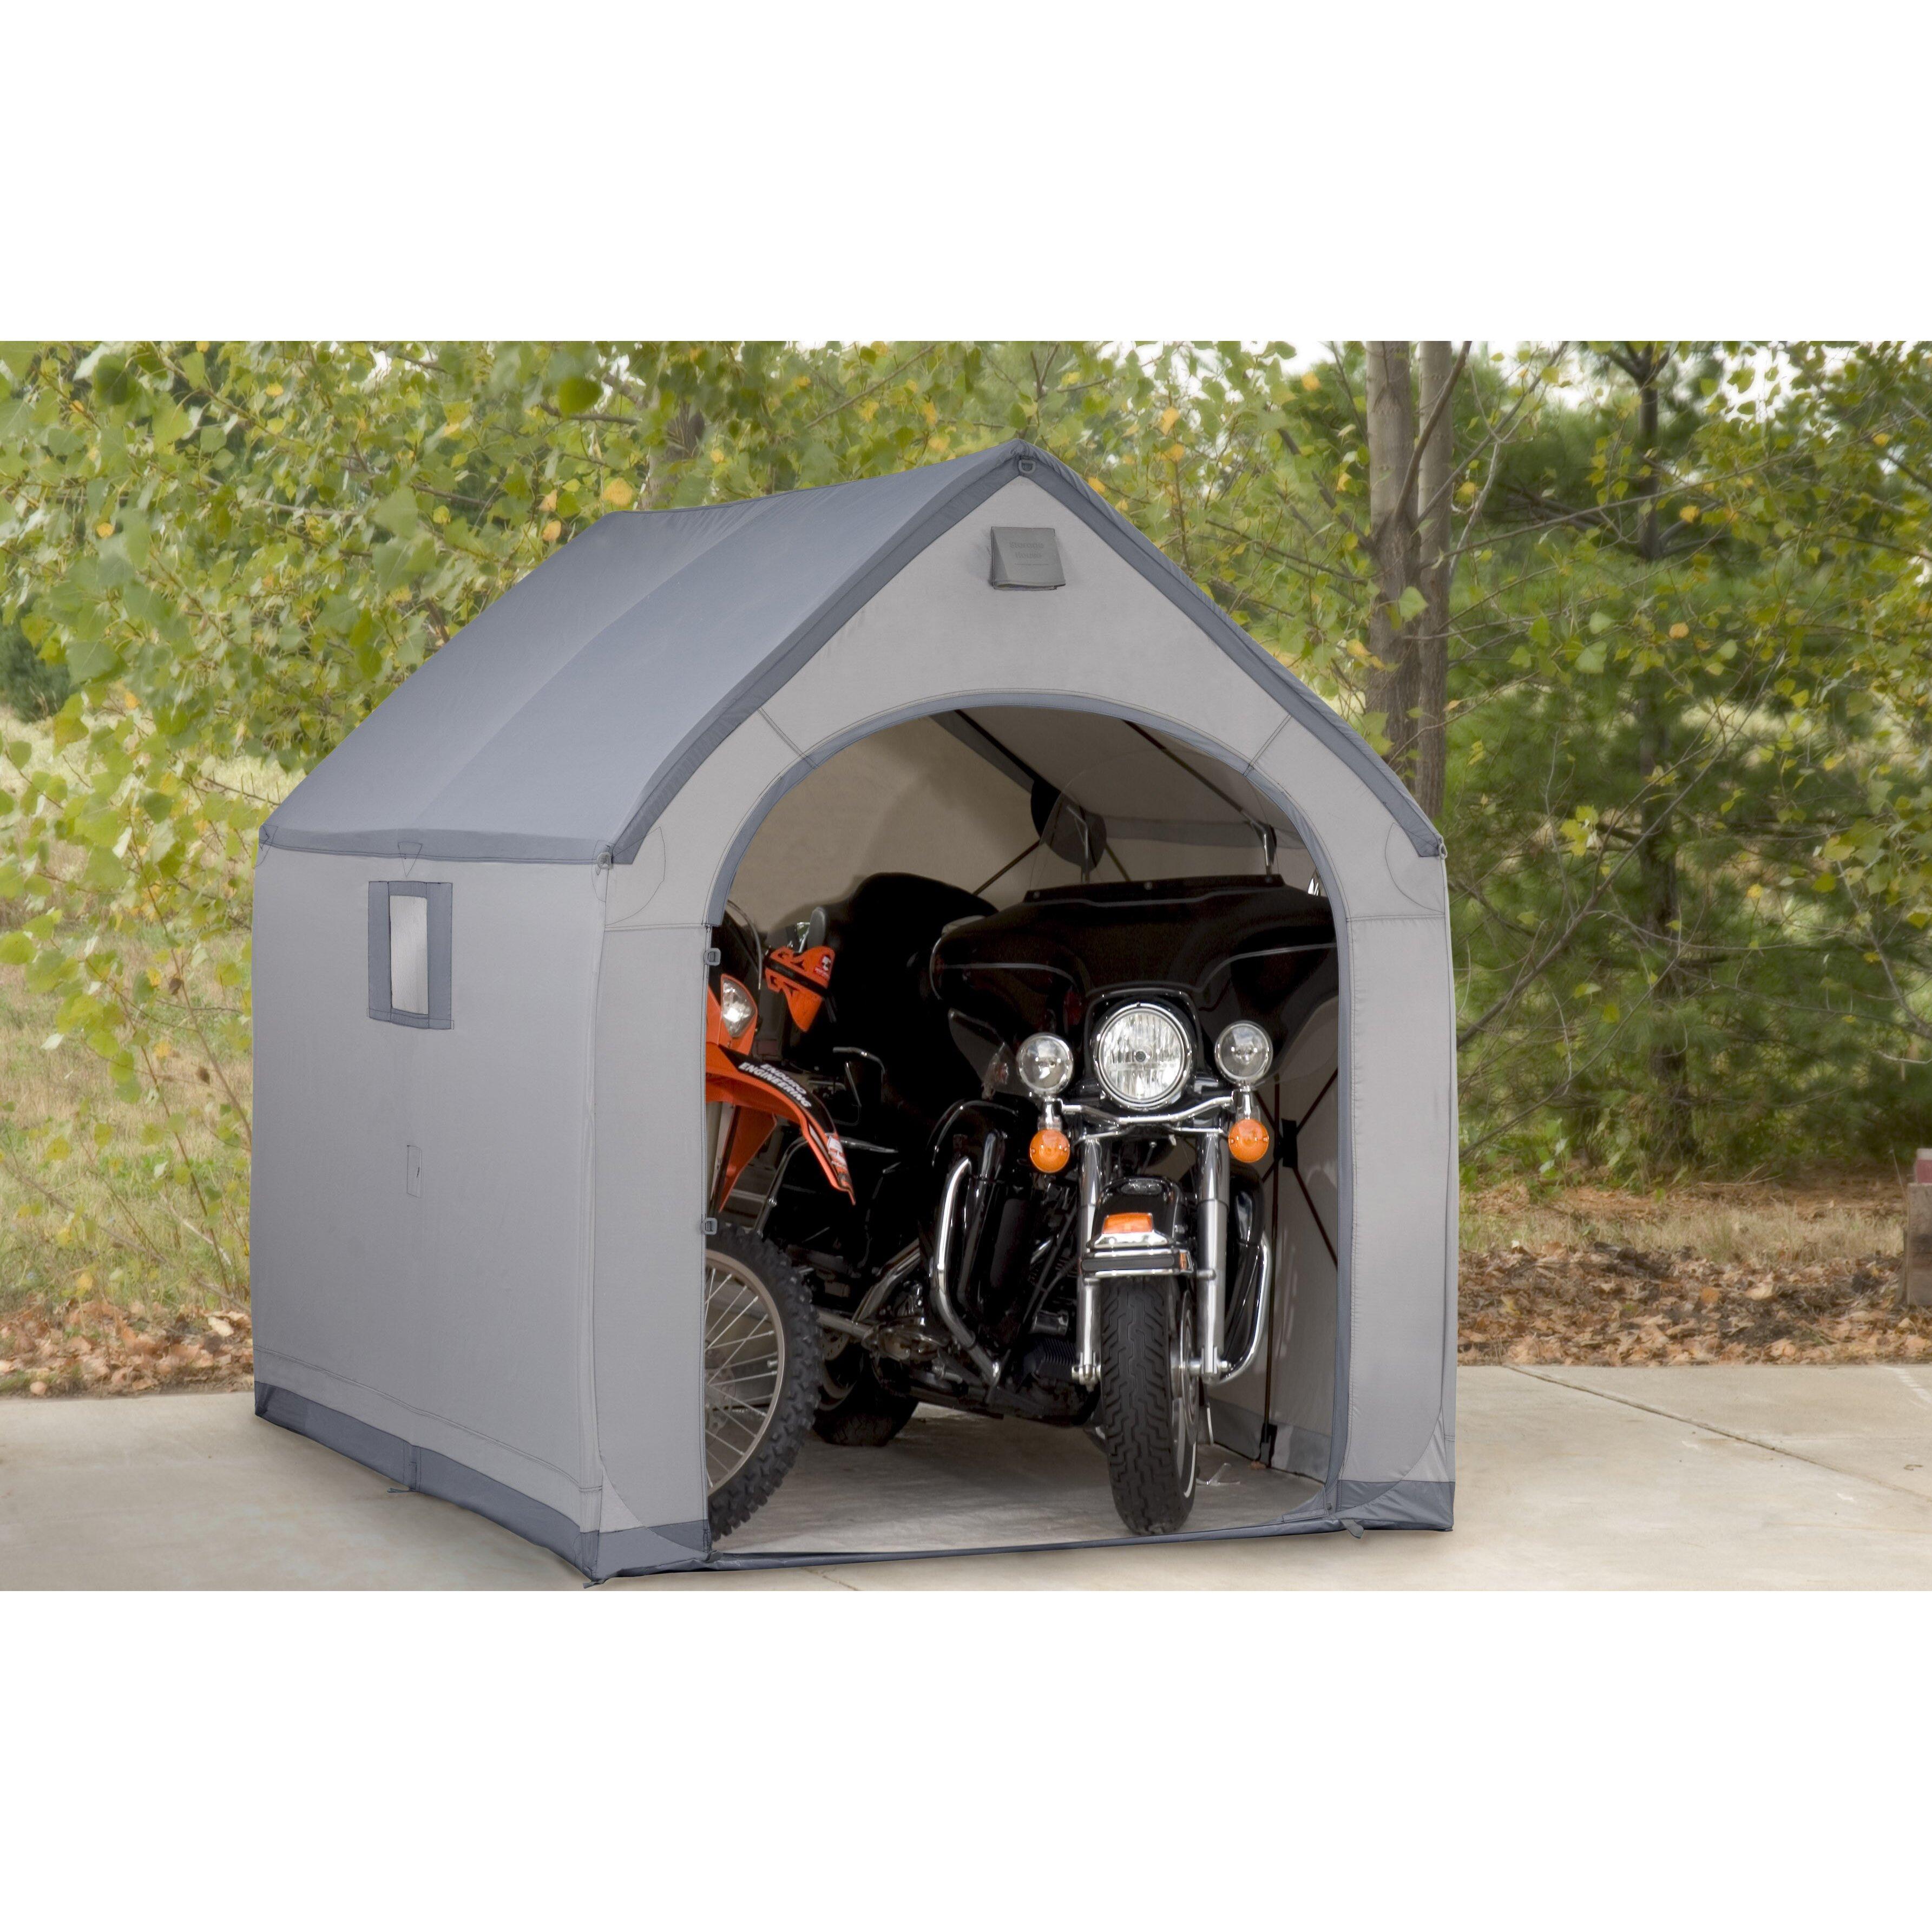 Flowerhouse StorageHouse 6 Ft. W X 7 Ft. D Plastic Portable Shed & Reviews